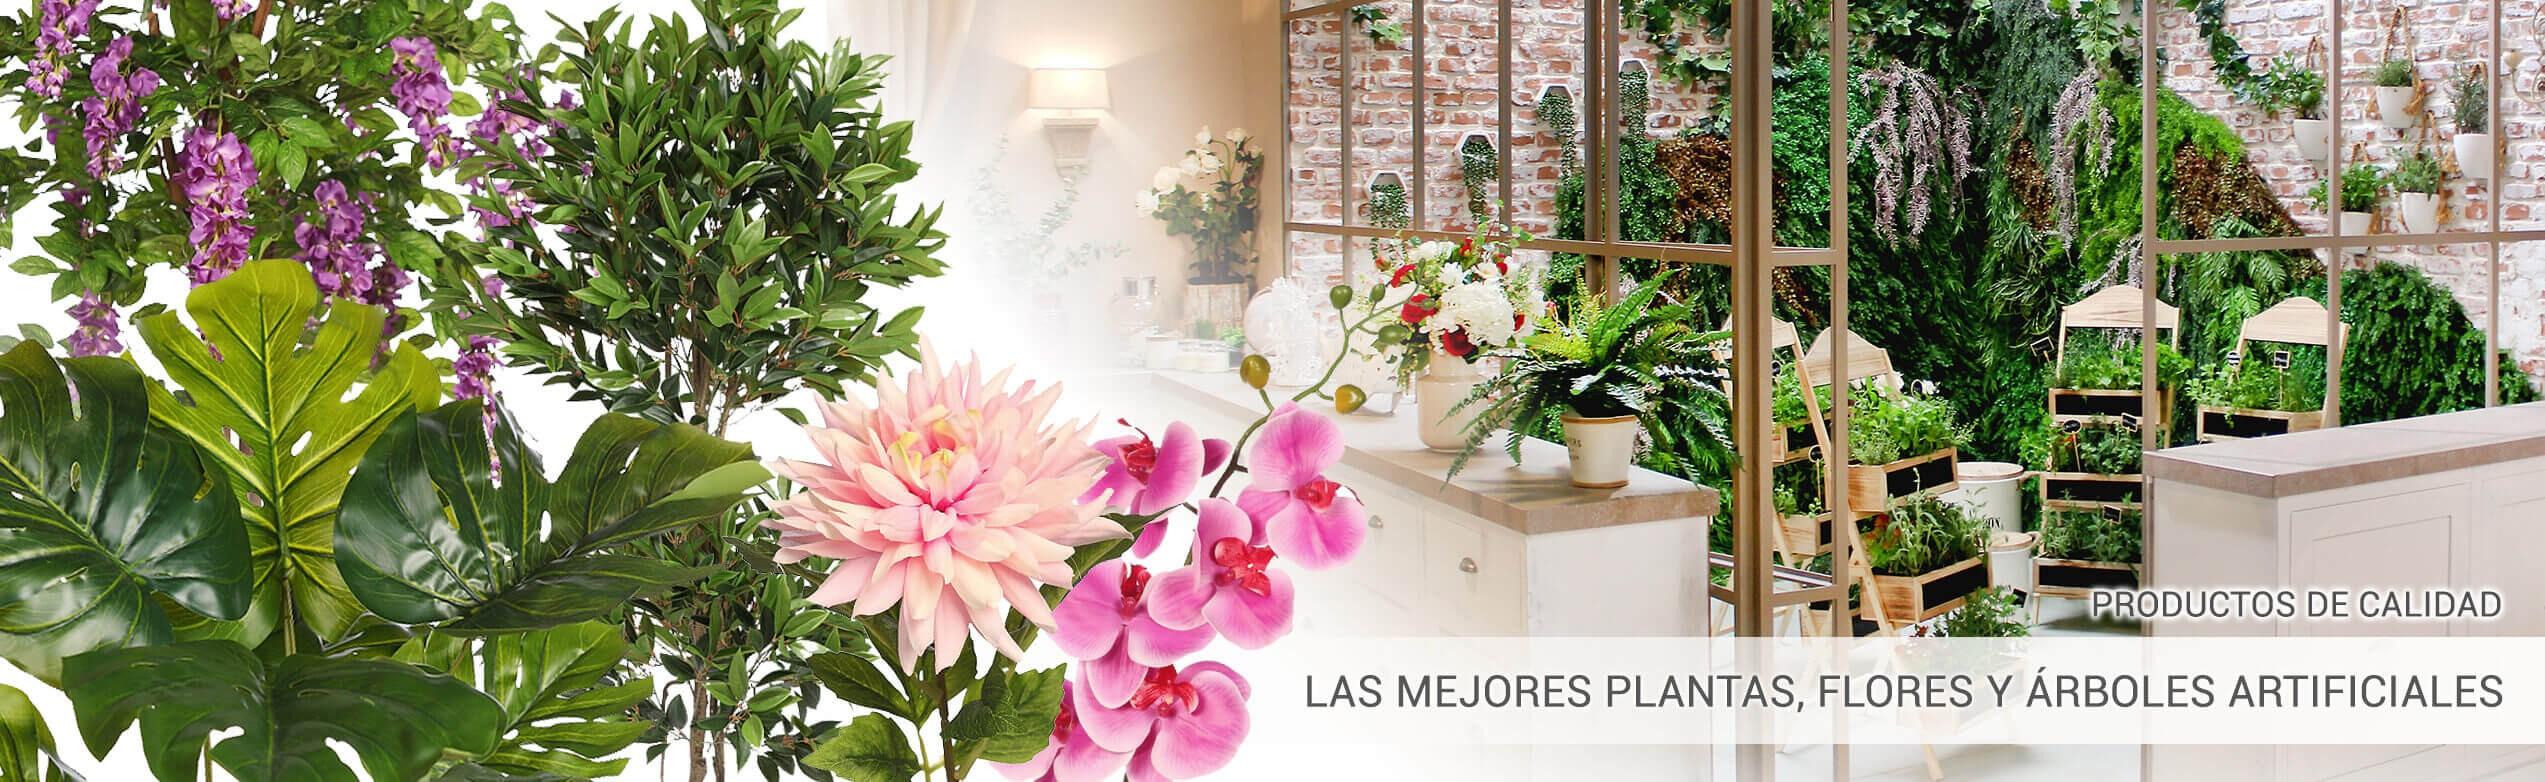 Las mejores plantas, flores y árboles artificiales